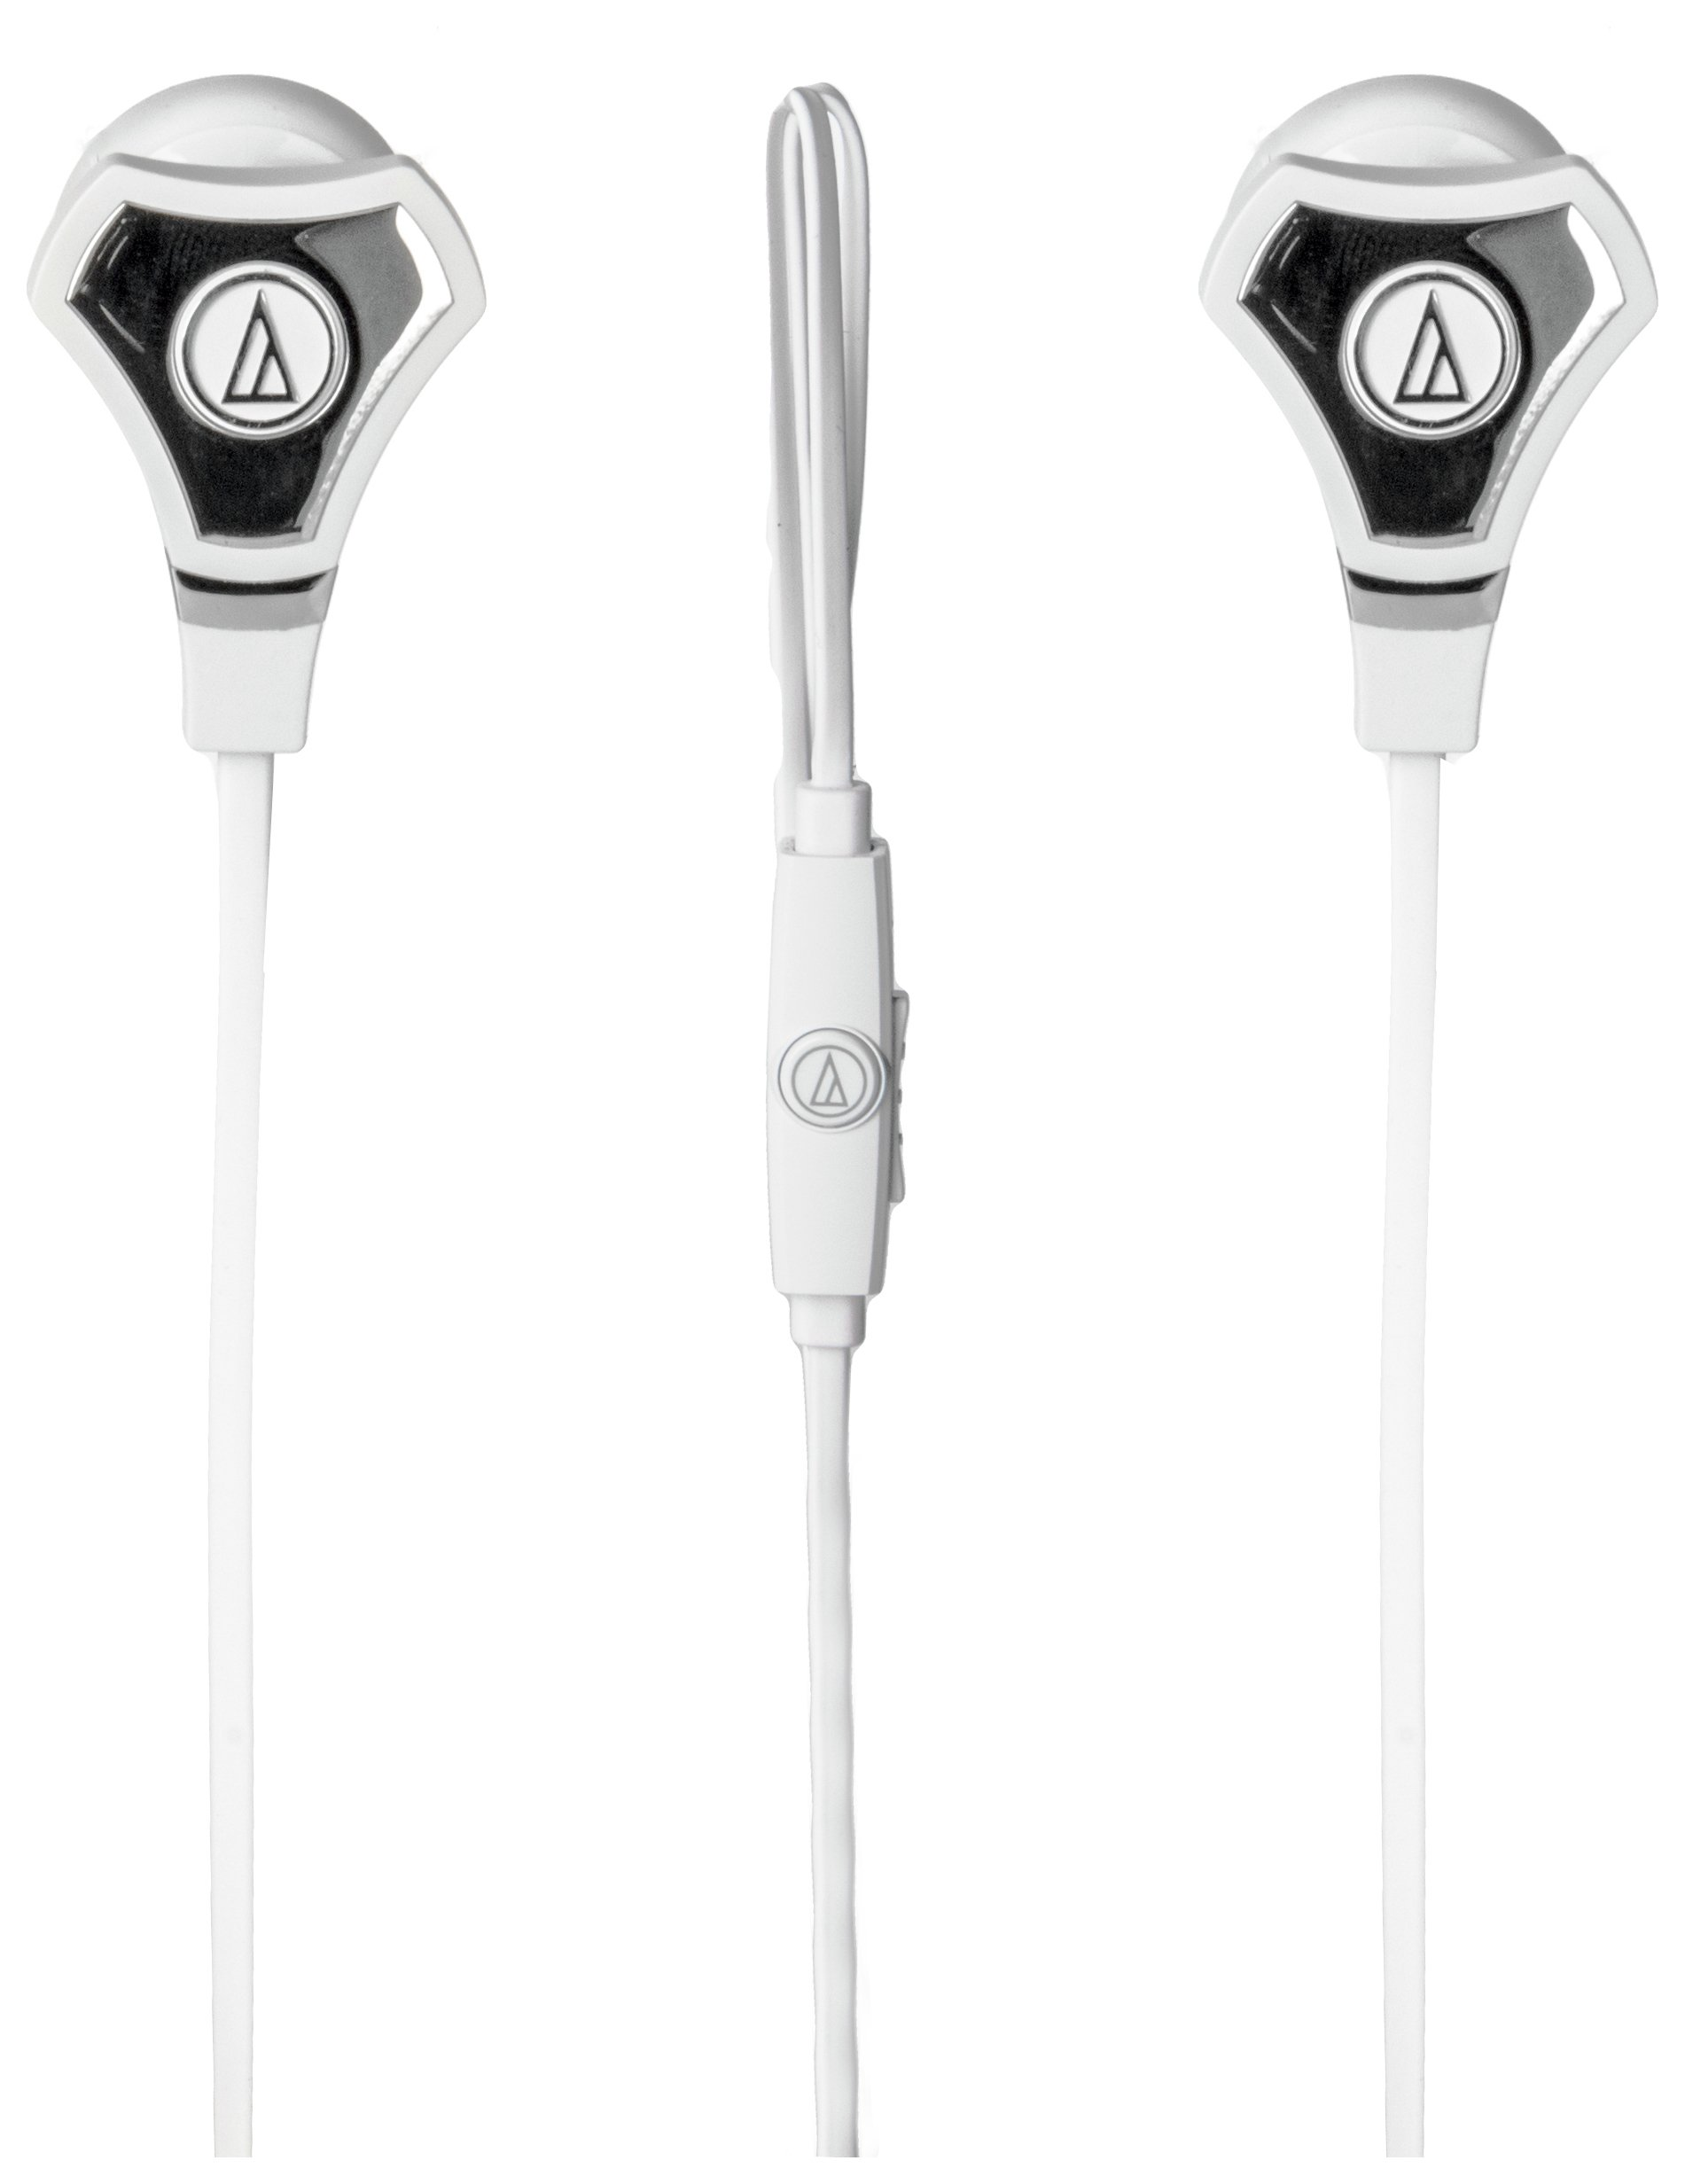 Audio-Technica Audio Technica - Headphones - CHX5iS White